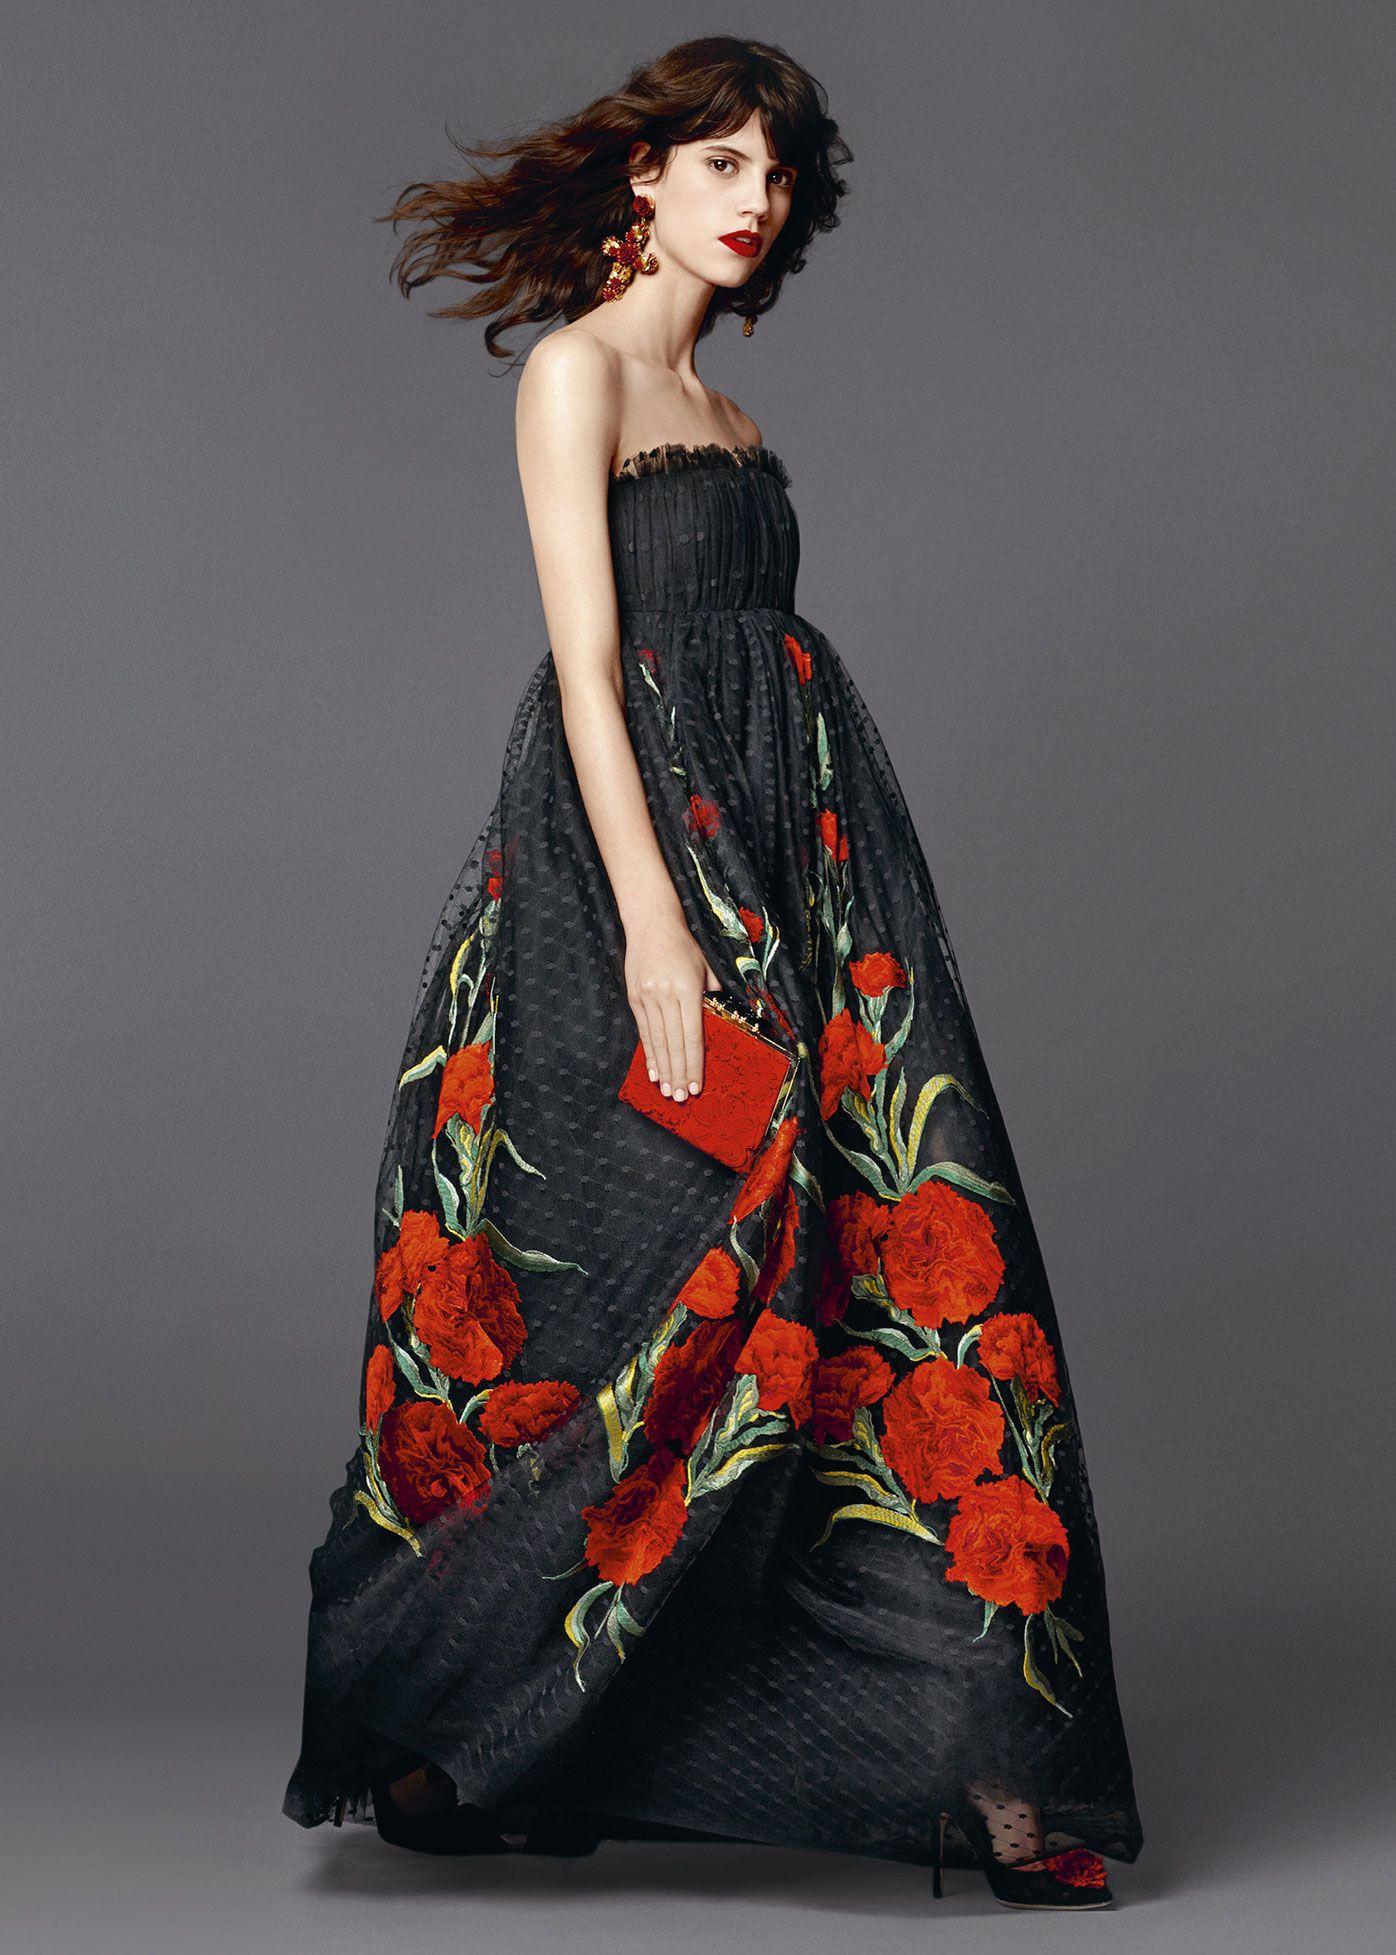 b11751988c87 Dolce   Gabbana Abbigliamento Donna Estate 2015